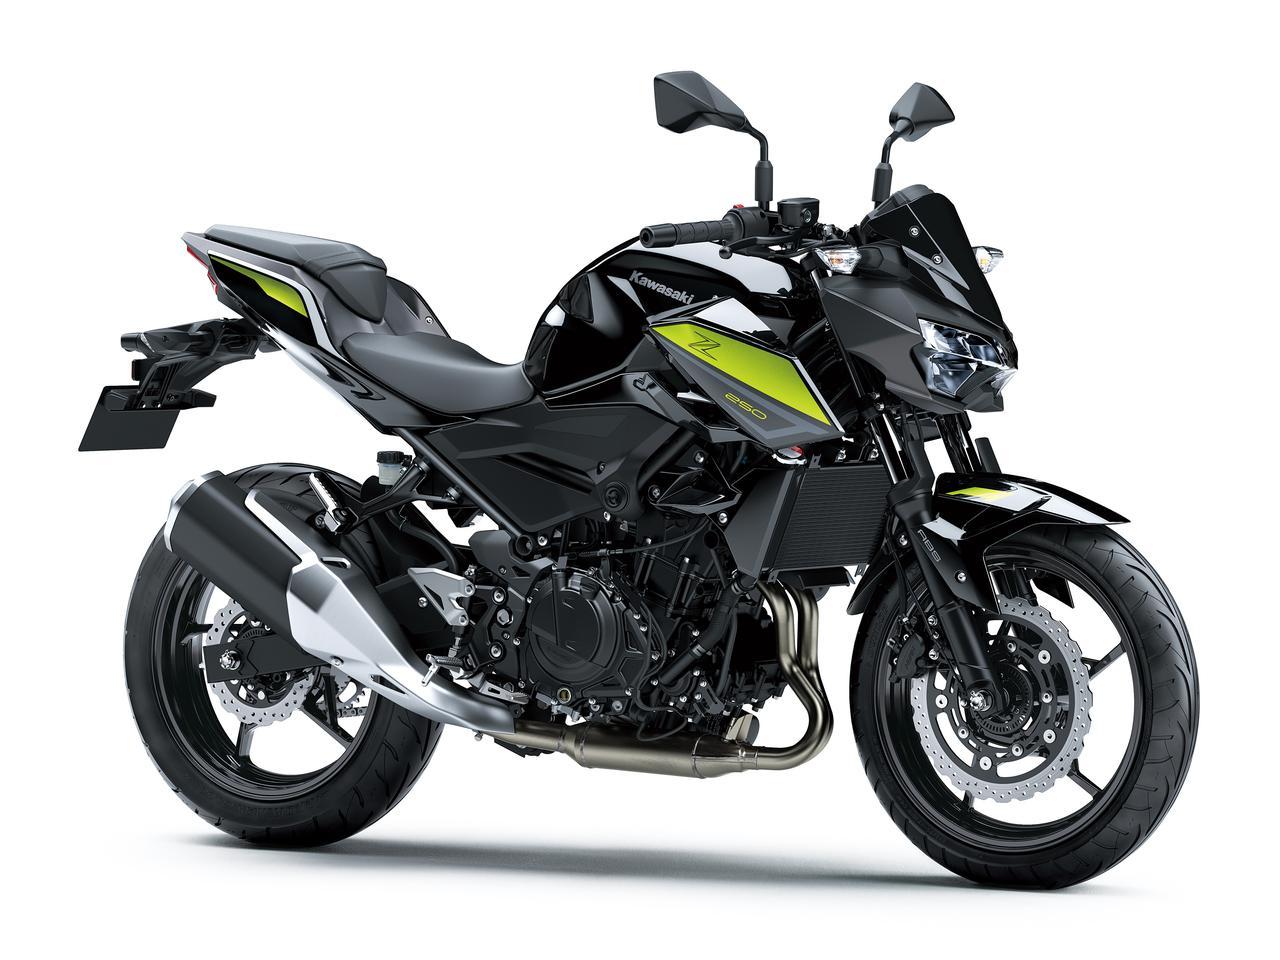 画像1: カワサキ「Z250」2022年モデル発売! スーパーネイキッド・Zシリーズの250ccモデルが新色に